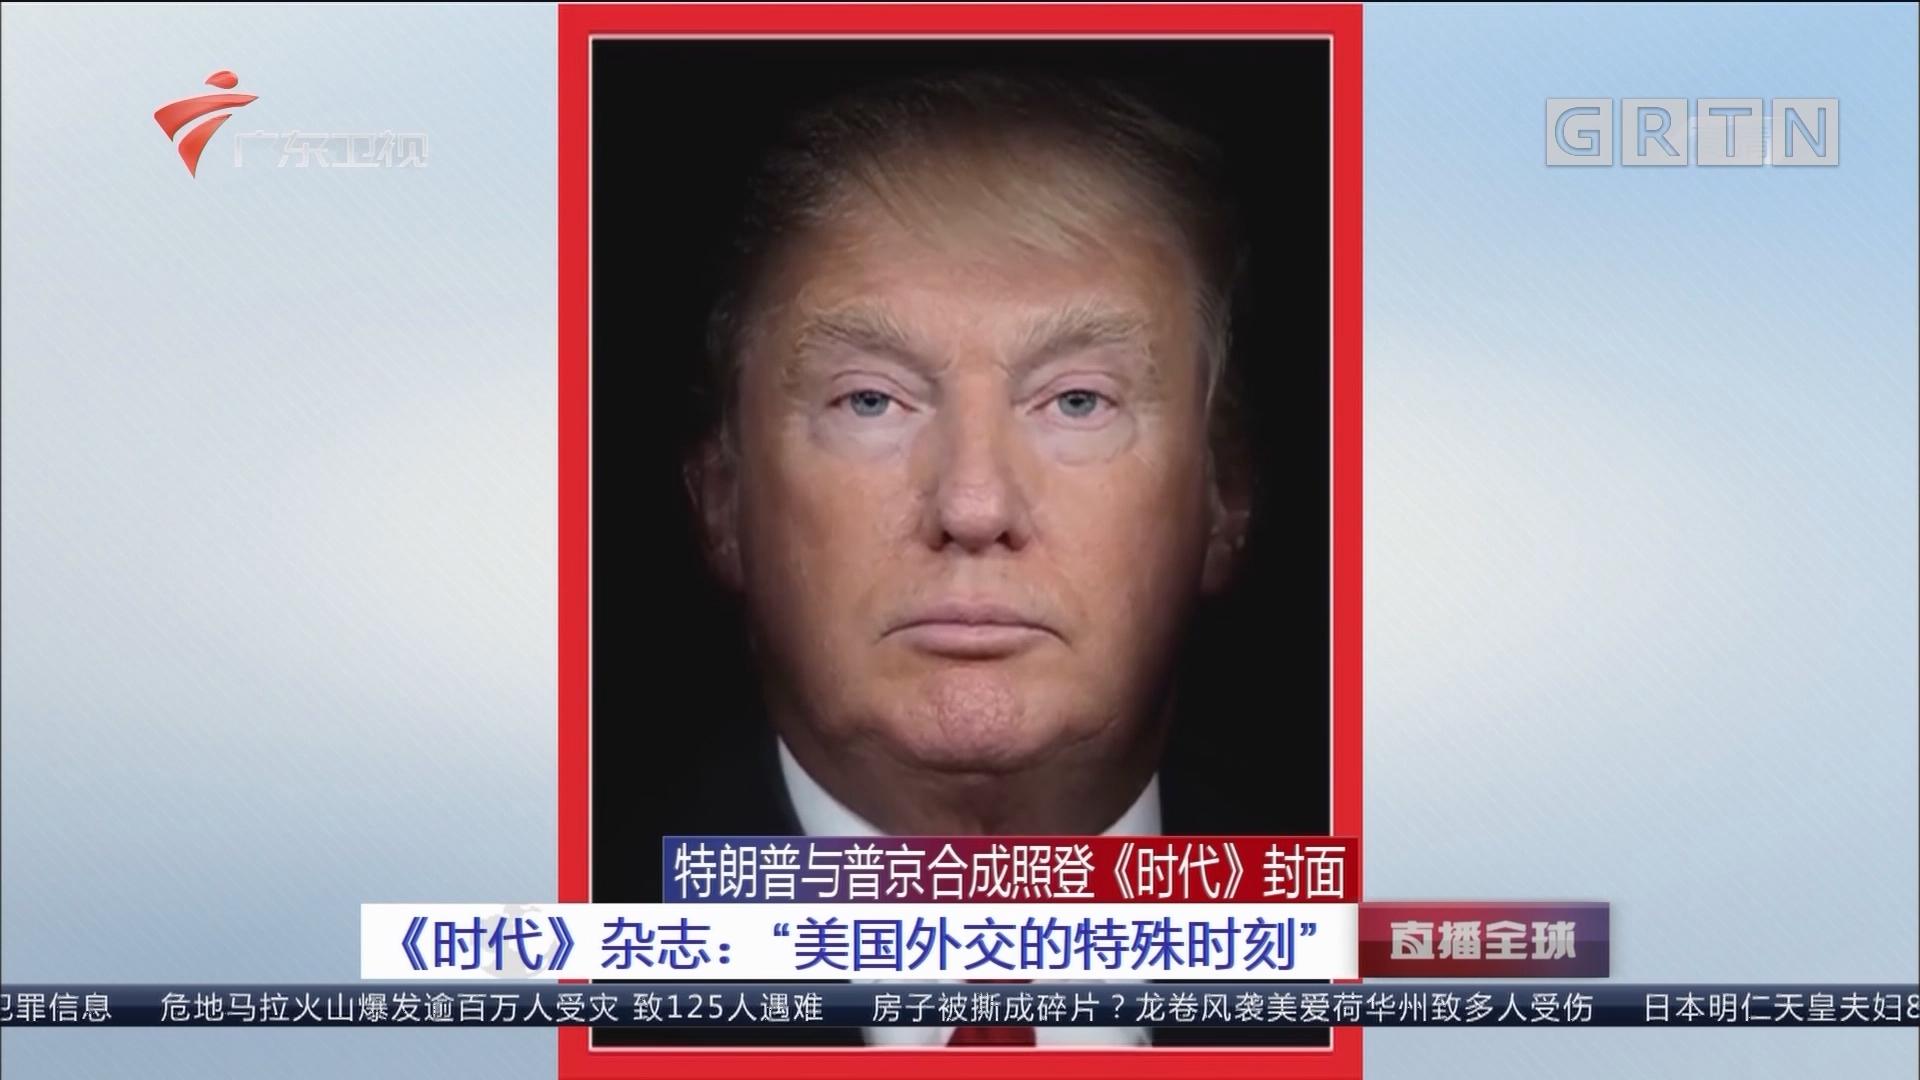 """特朗普与普京合成照登《时代》封面 《时代》杂志:""""美国外交的特殊时刻"""""""